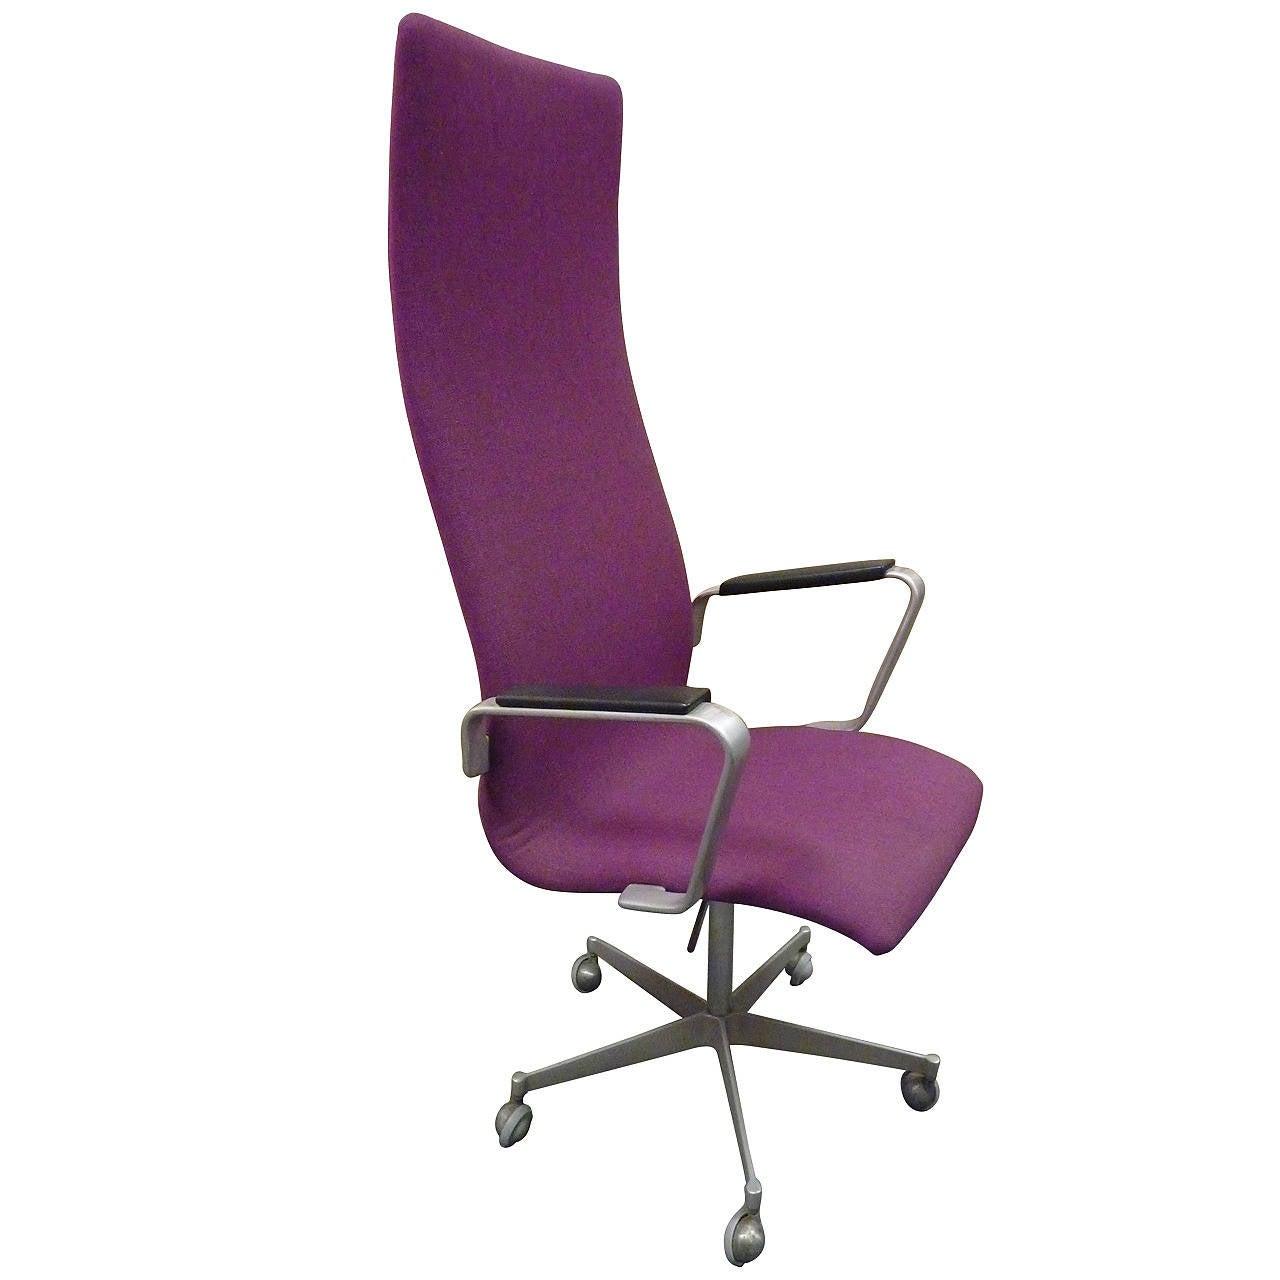 Oxford Desk Chair By Arne Jacobsen For Fritz Hansen At 1stdibs